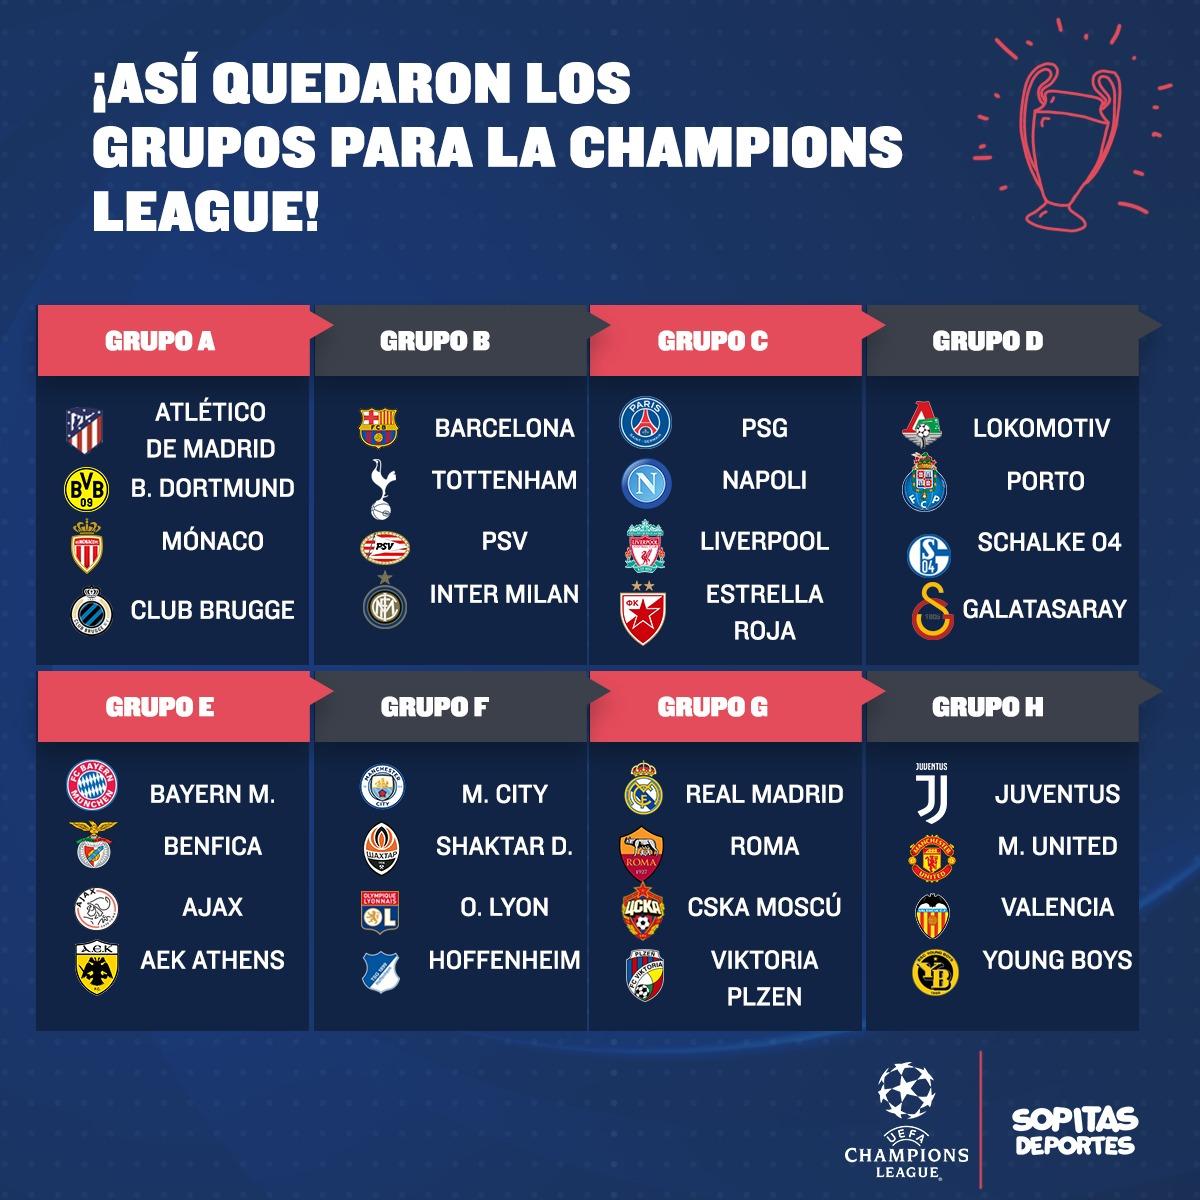 Champions League 18/19